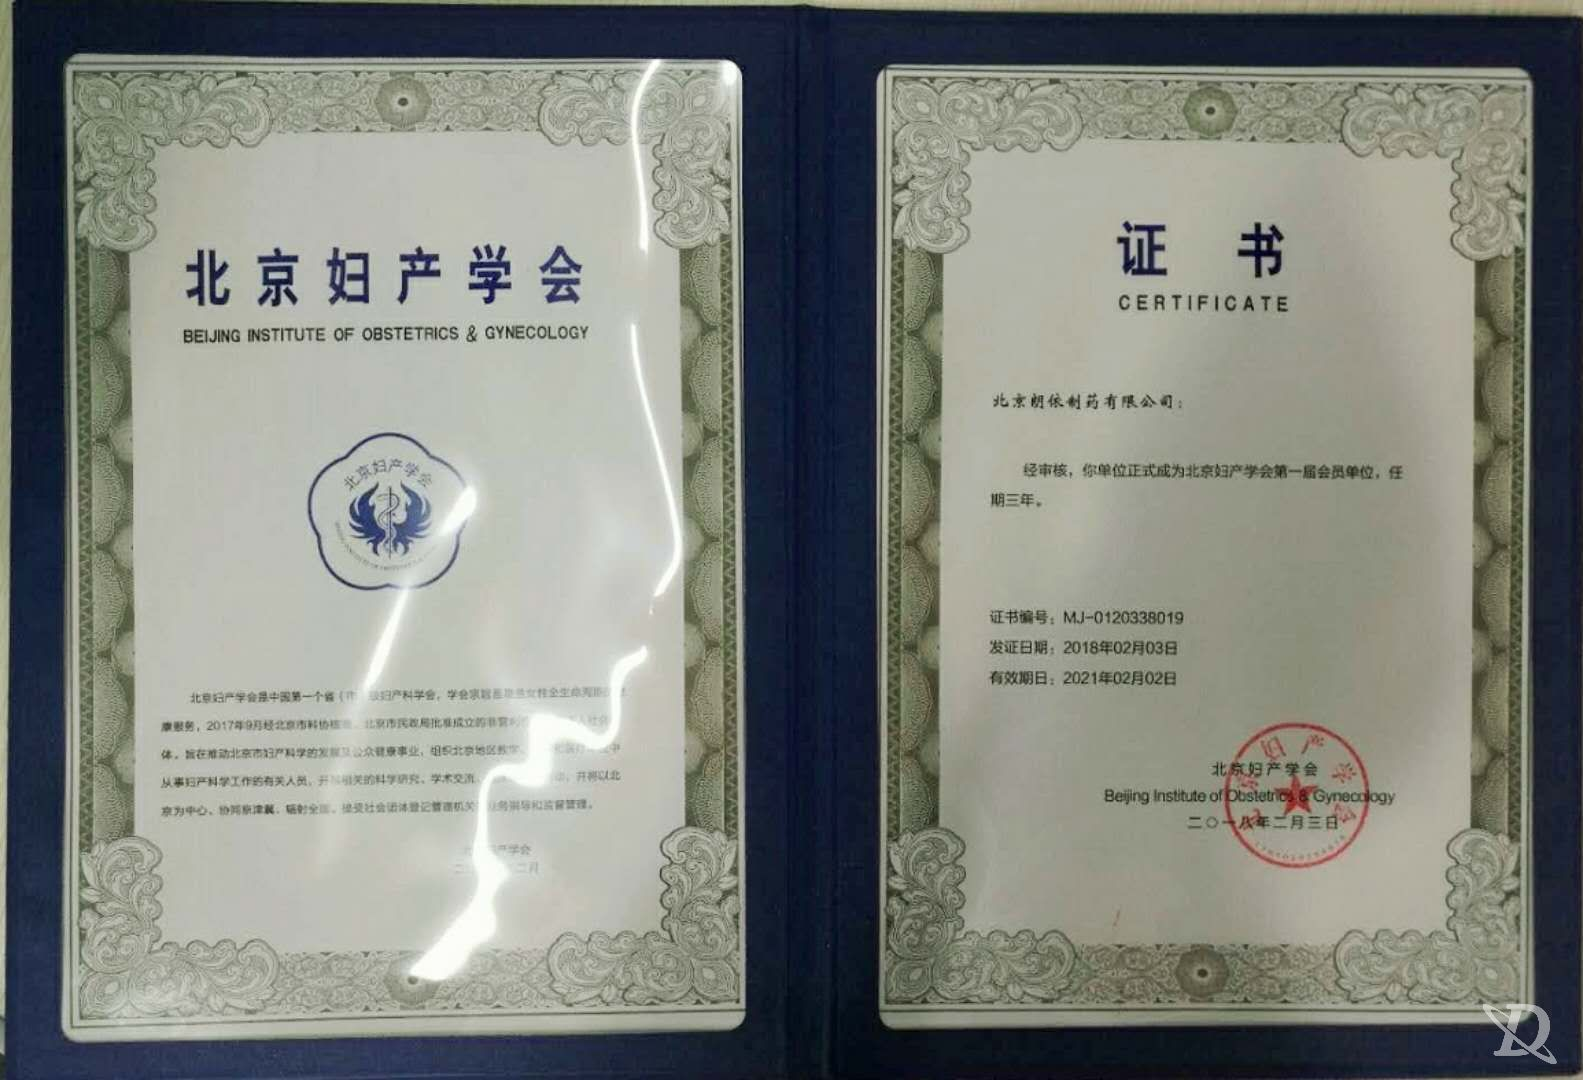 金城朗依成为北京妇产学会第一届会员单位